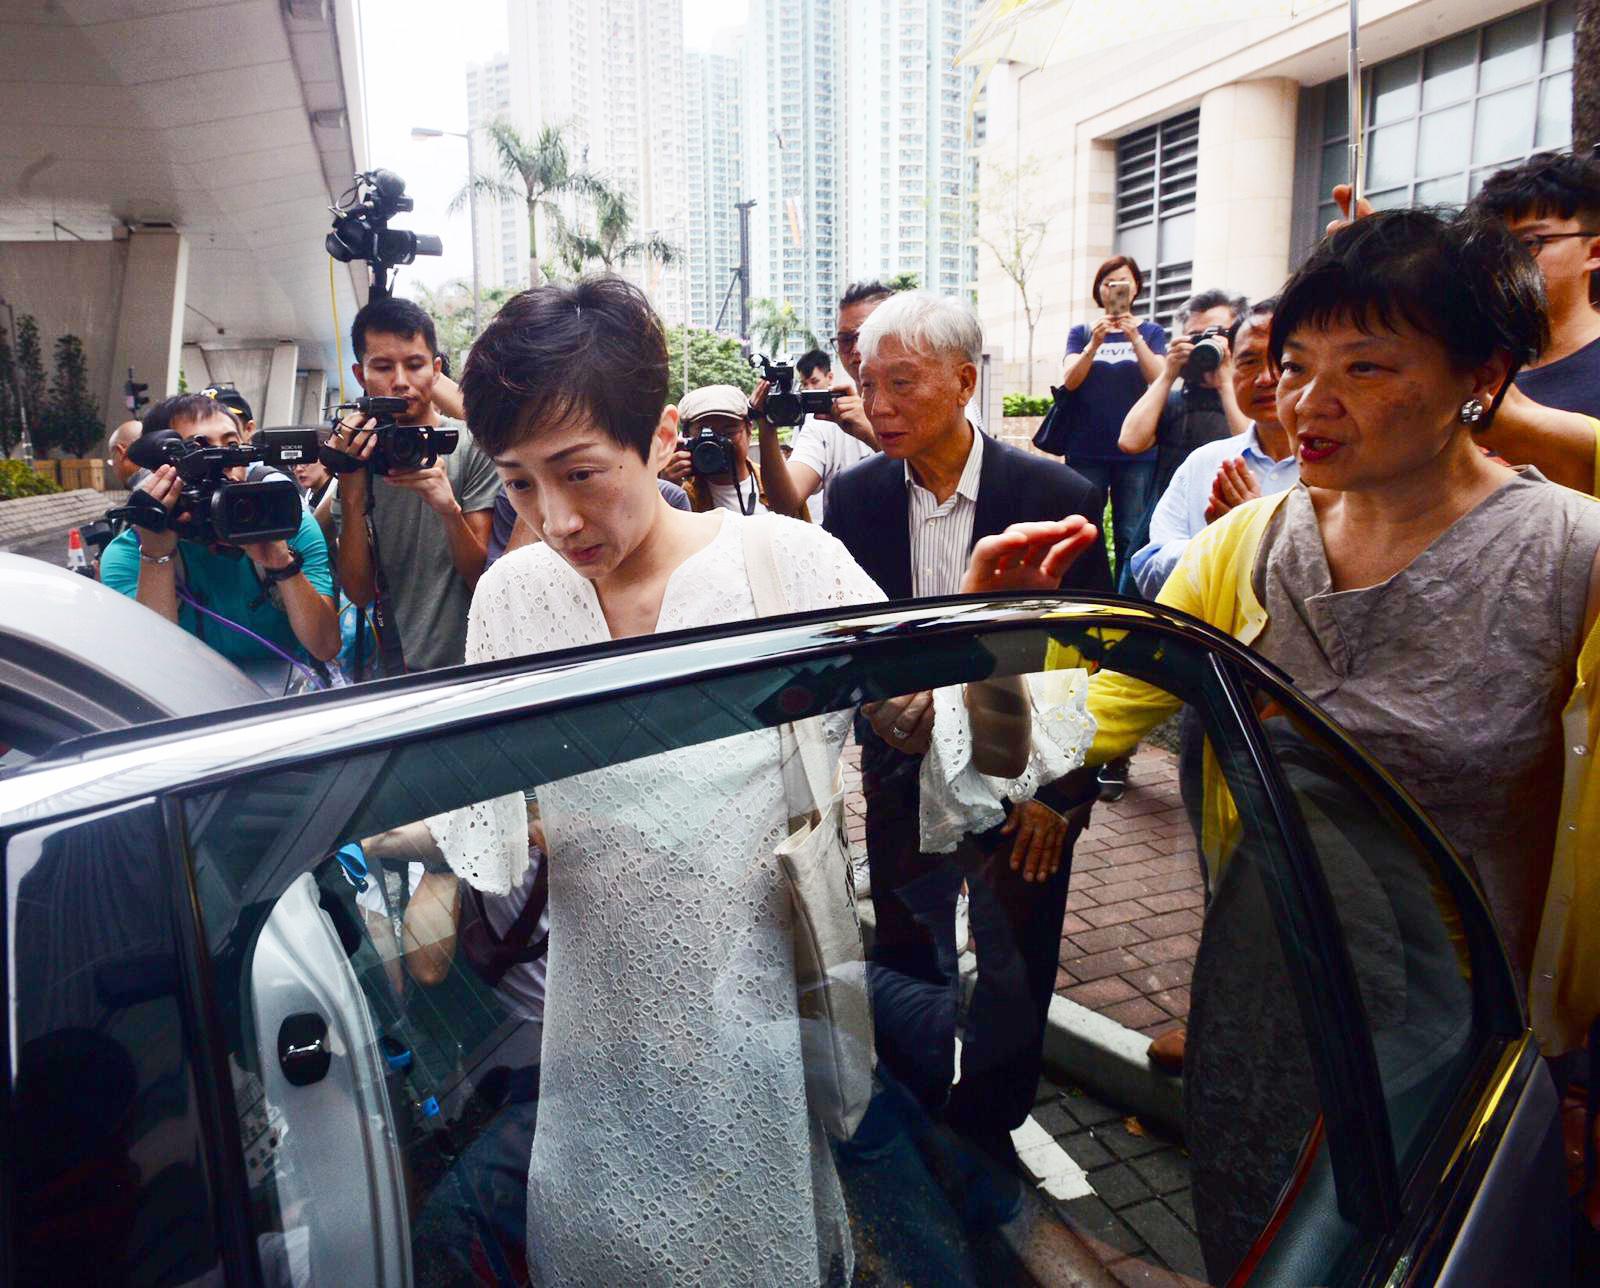 陈淑庄被判囚8个月,缓刑2年,其议席及大律师资格或不保。